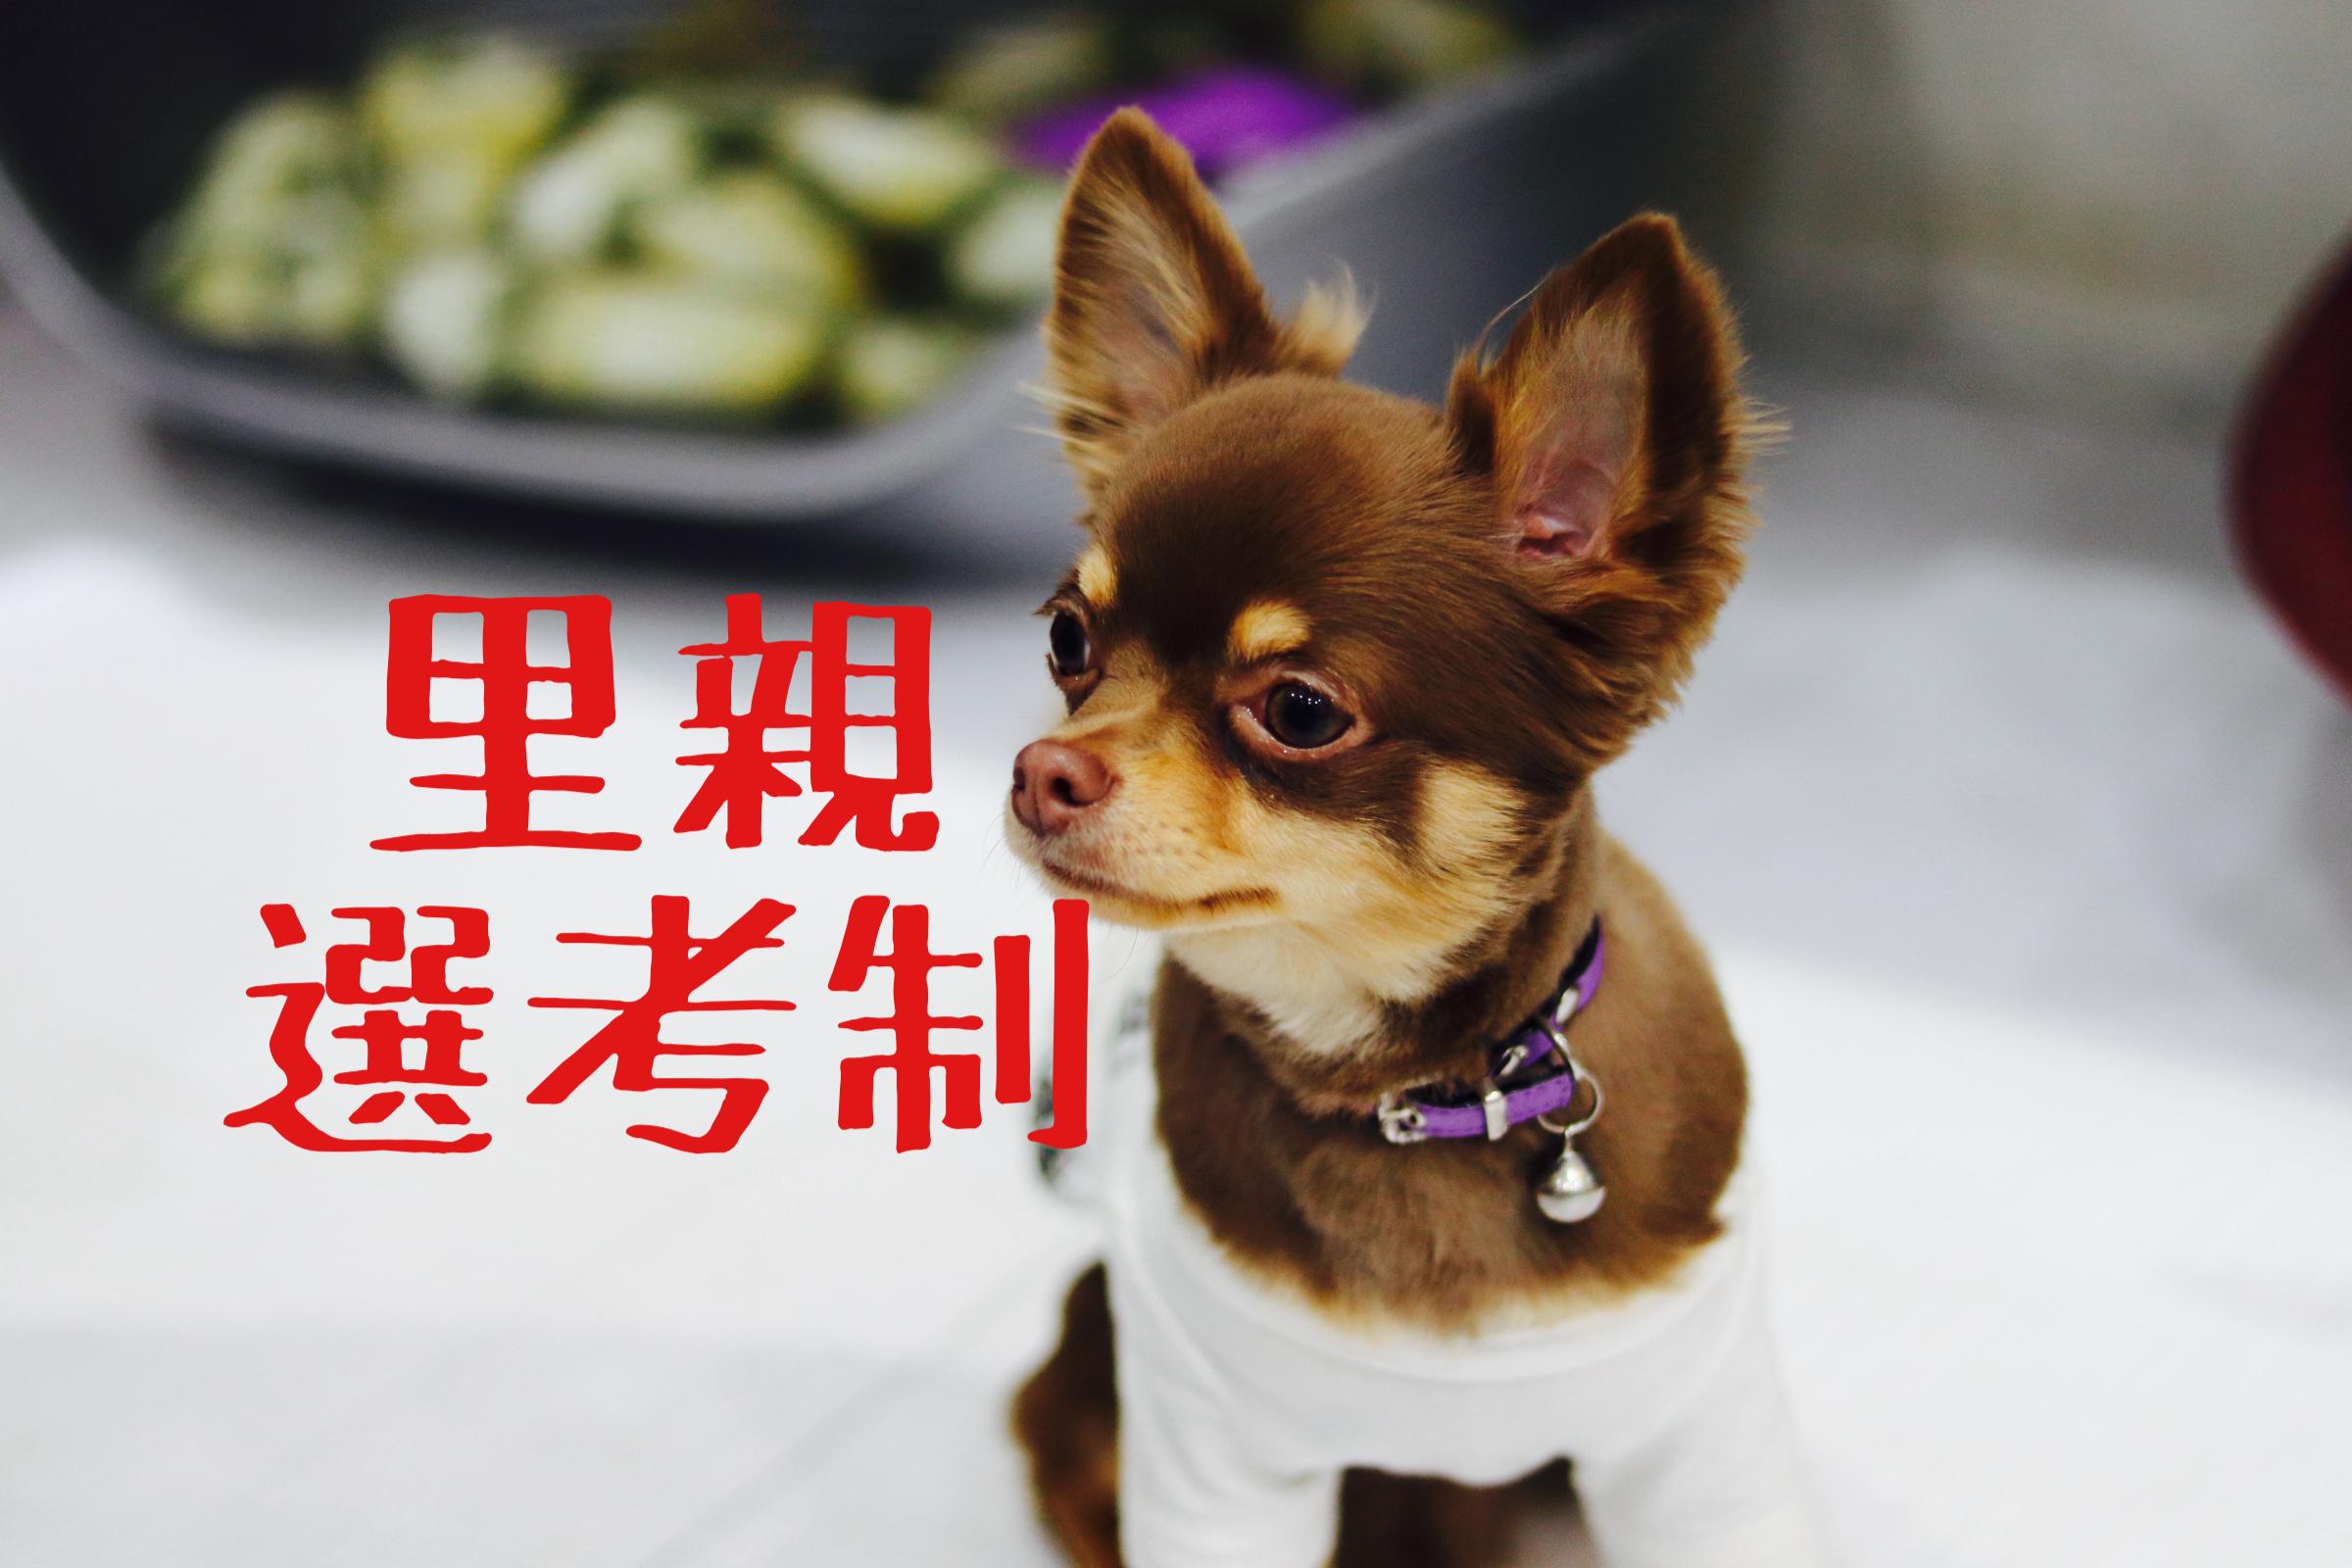 <ul> <li>犬種:ロングコートチワワ(チョコタン)</li> <li>性別:男の子</li> <li>名前:チョコ</li> <li>年齢:2020年1月10日生まれ</li> <li>保護経緯:子どもにアレルギー発症のため飼育困難</li> </ul>